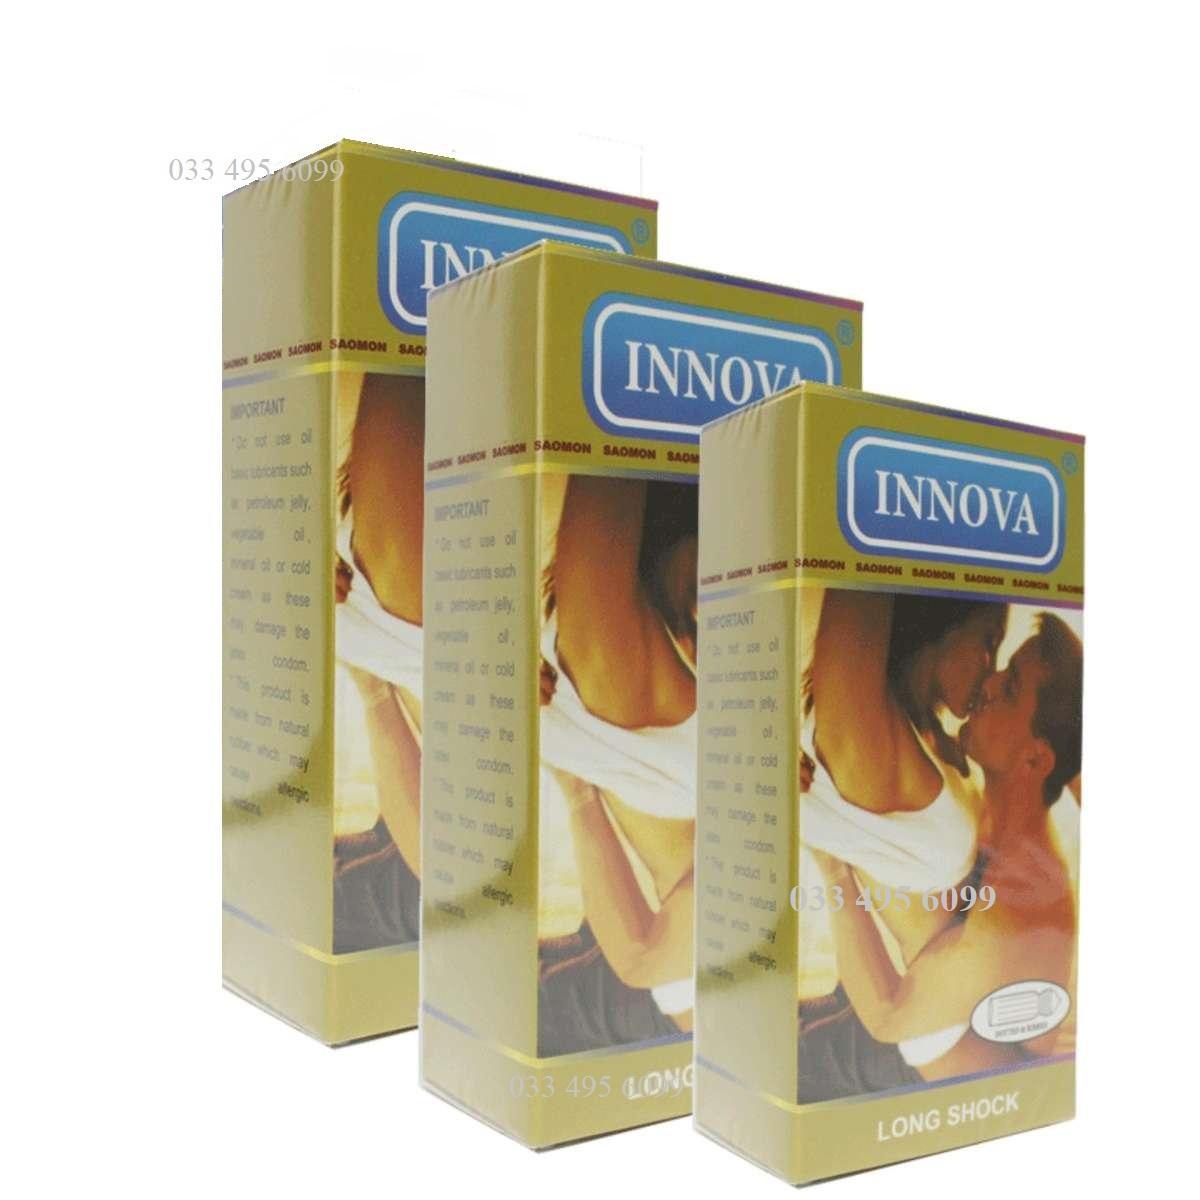 Bộ 3 hộp Bao cao su gân gai kéo dài thời gian INNOVA vàng hộp 12 chiếc nhập khẩu